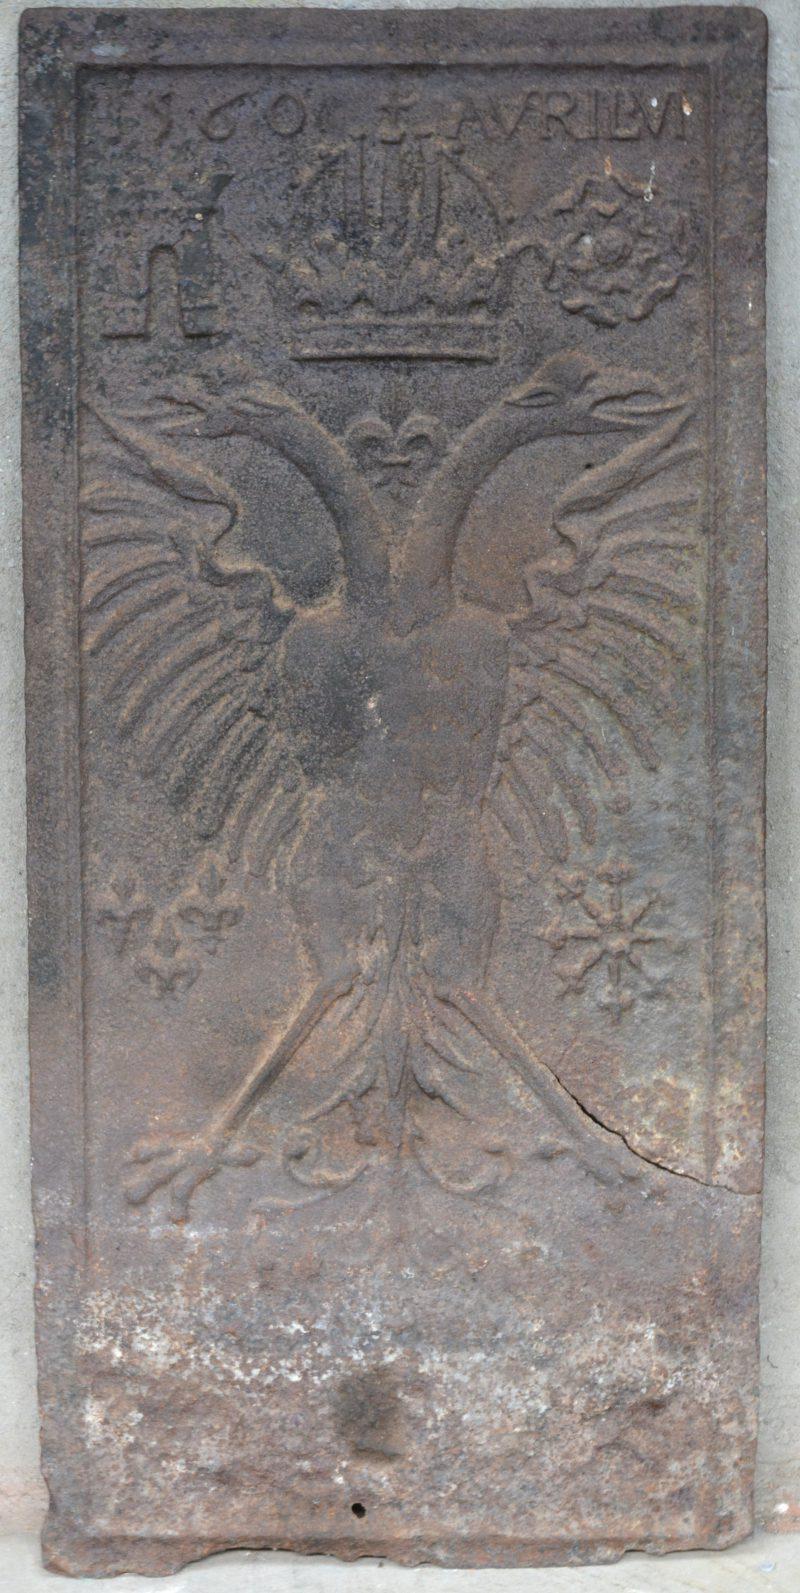 Een gietijzeren haardplaat met een Habsburgse adelaar. Gedateerd 1560.